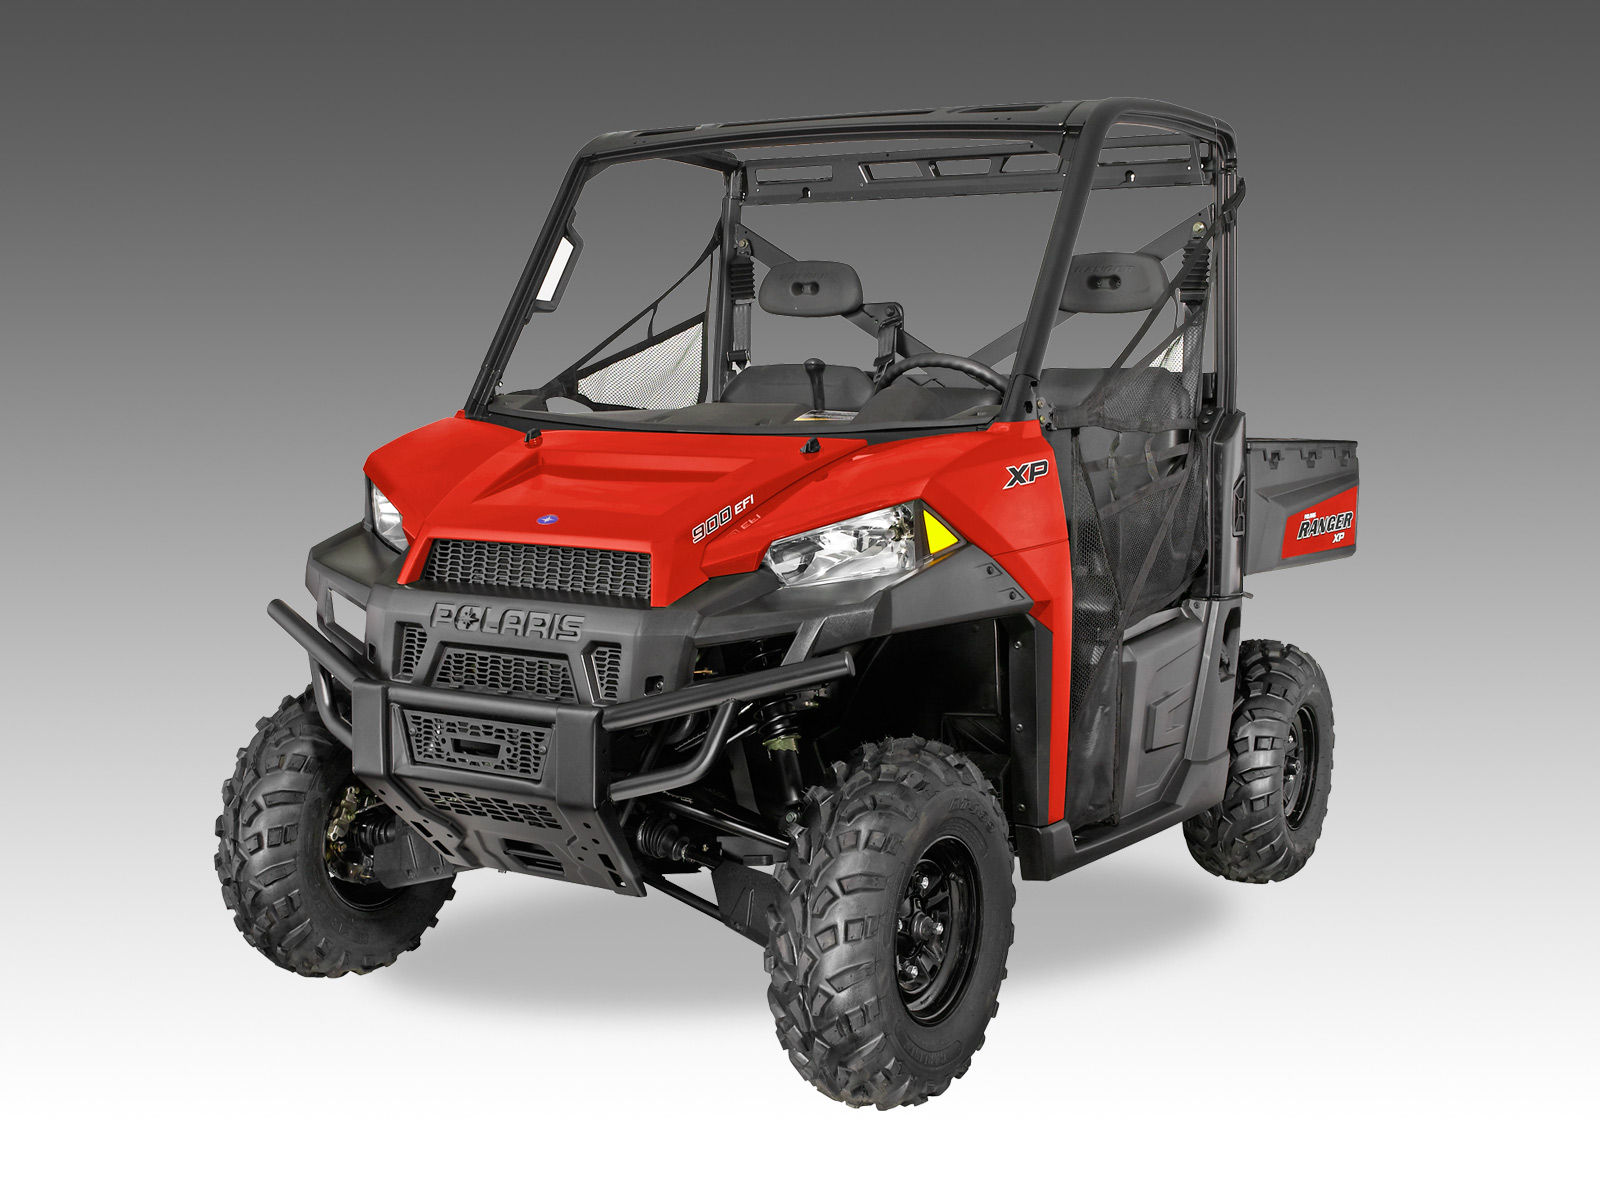 2014-ranger-900-xp-eps-solarred-3q